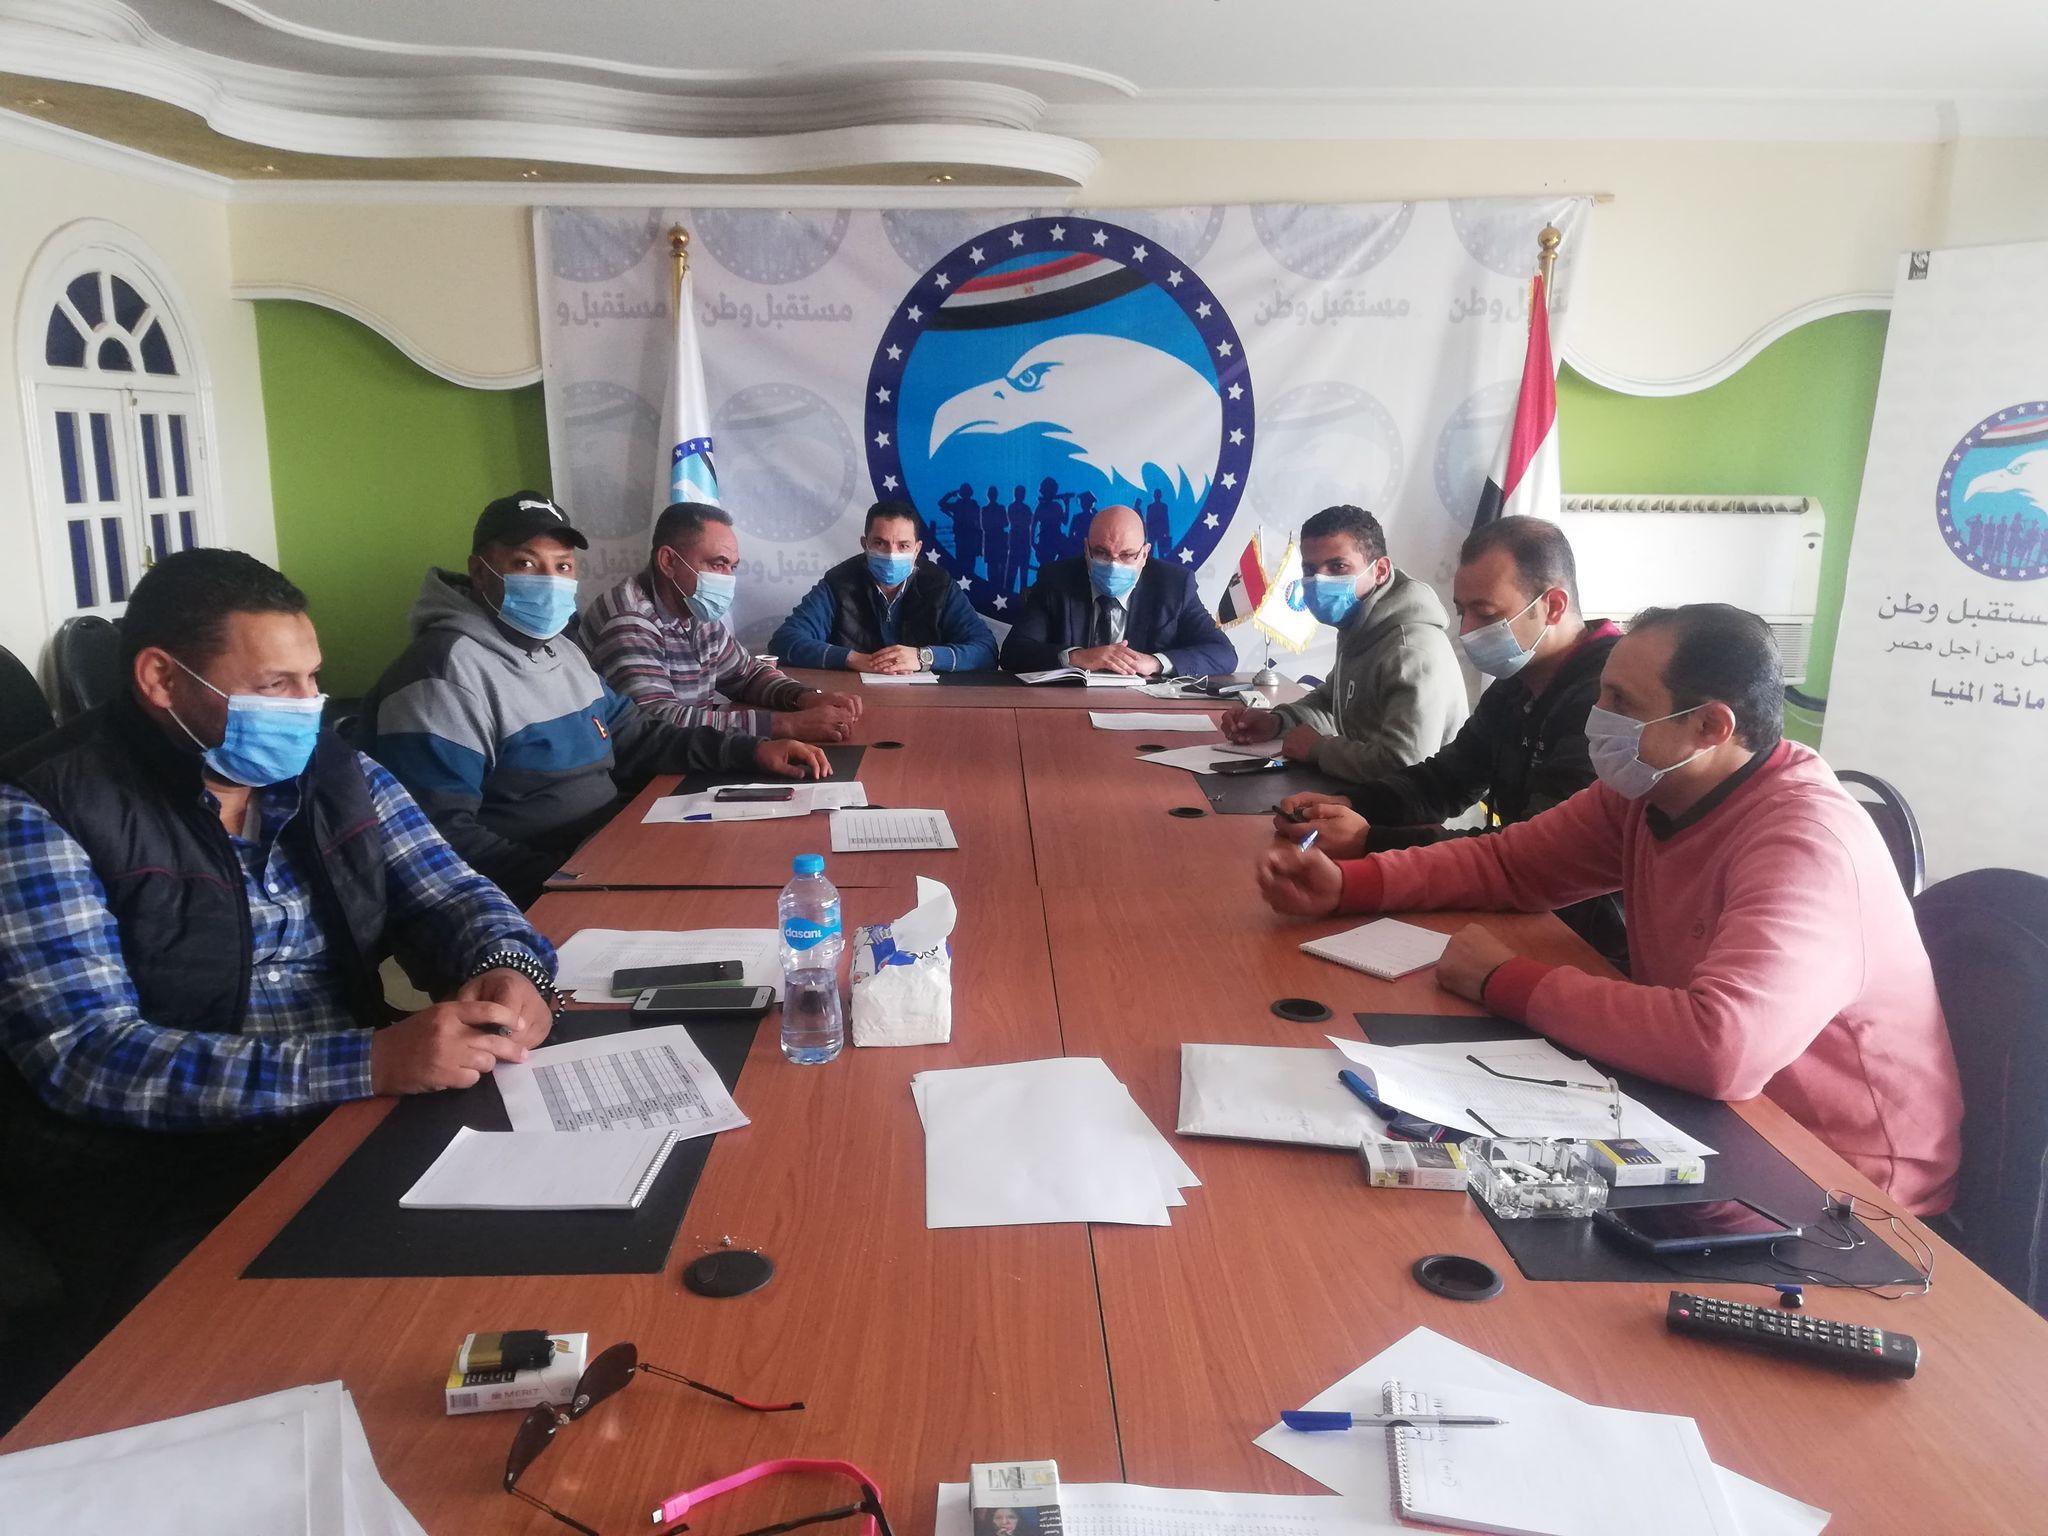 غرفة عمليات مستقبل وطن المنيا